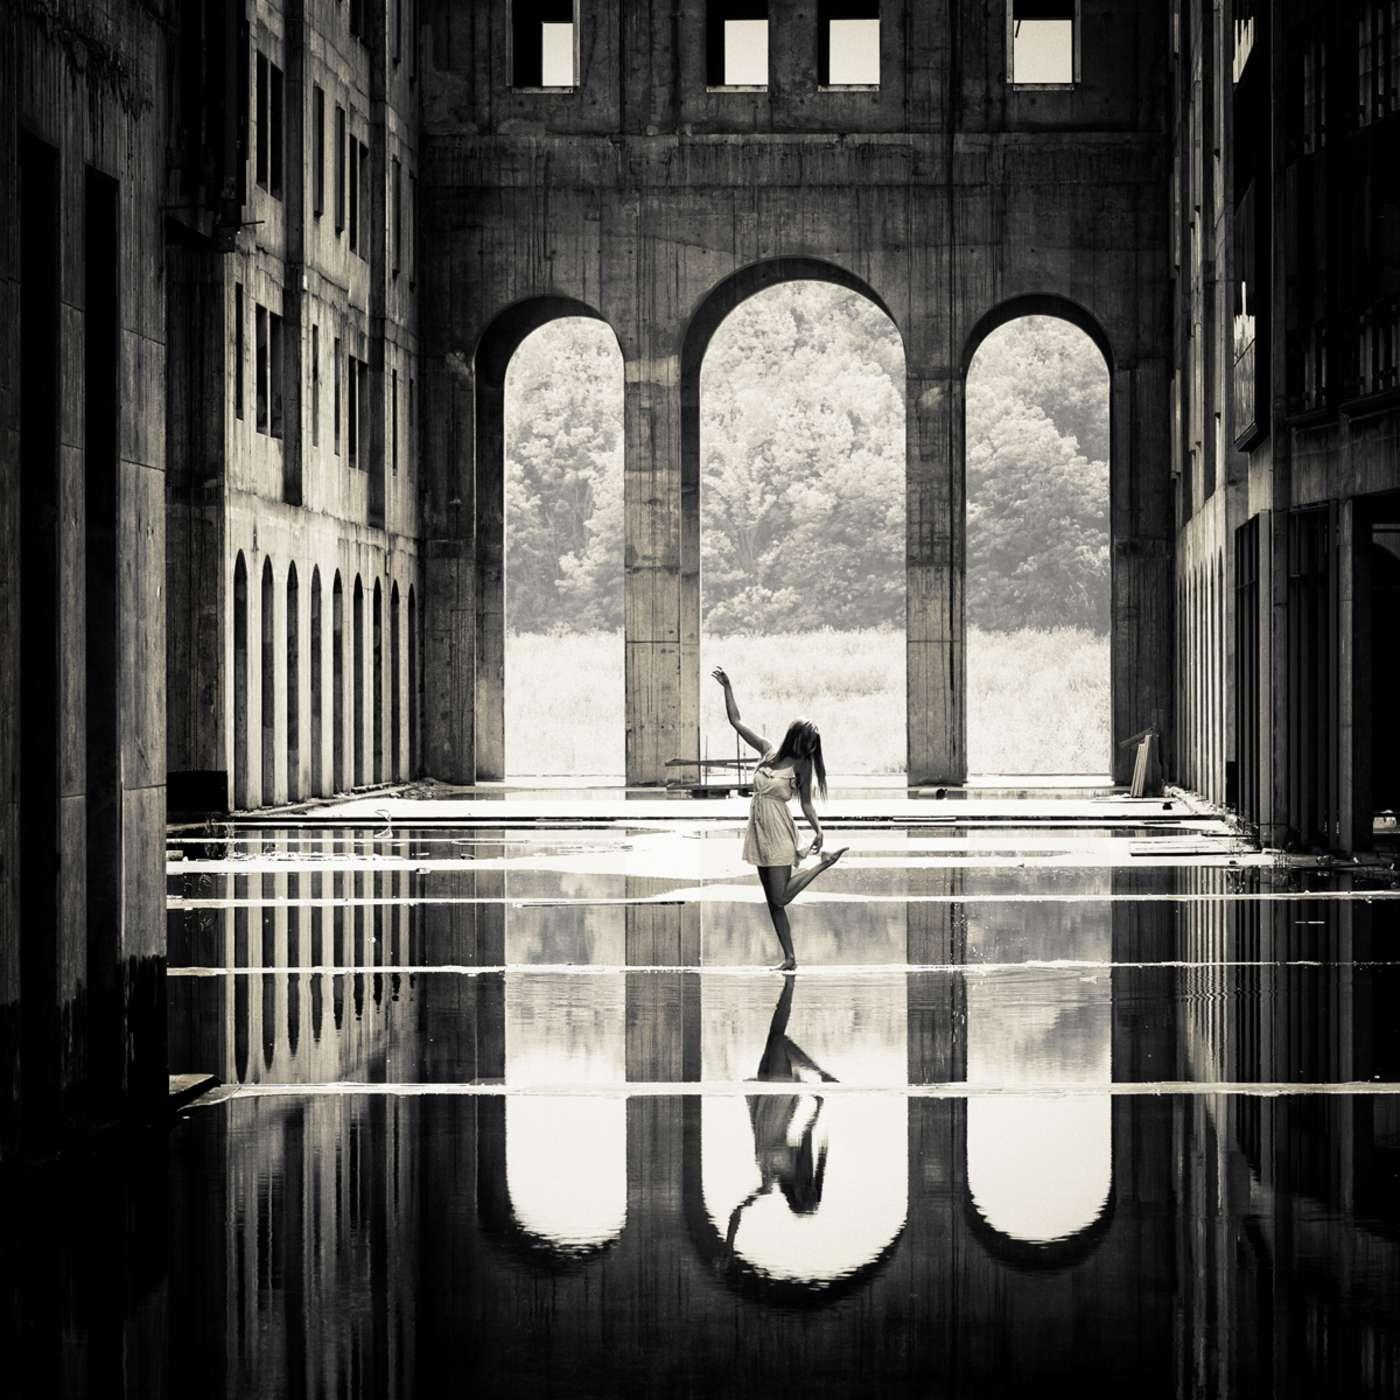 Зеркальный танец I, фотограф Петер Целей